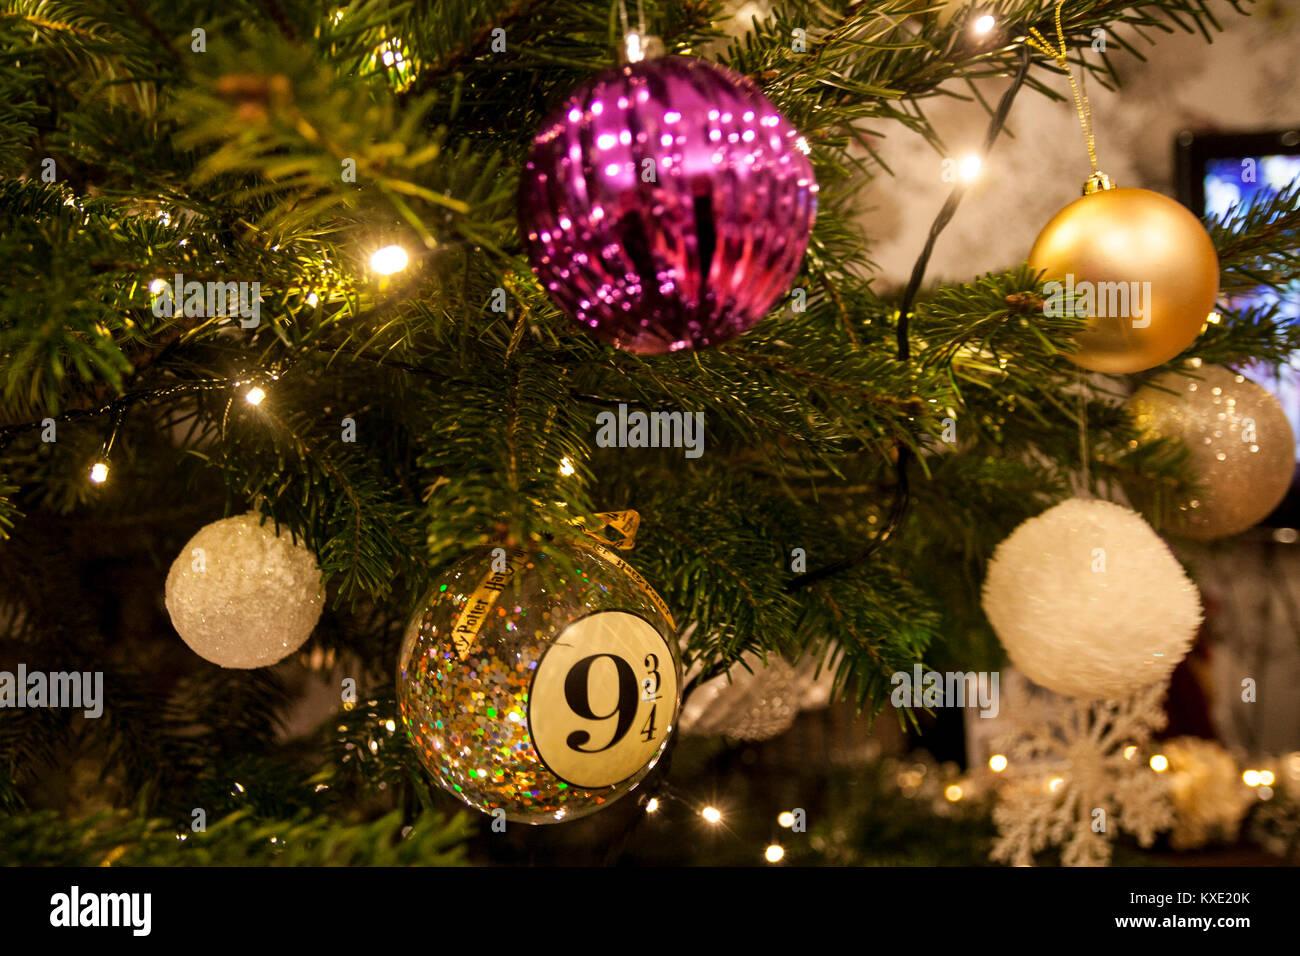 Christbaumkugeln Weiß Gold.Nahaufnahme Von Lila Gold Weiß Und Silber Weihnachtskugel